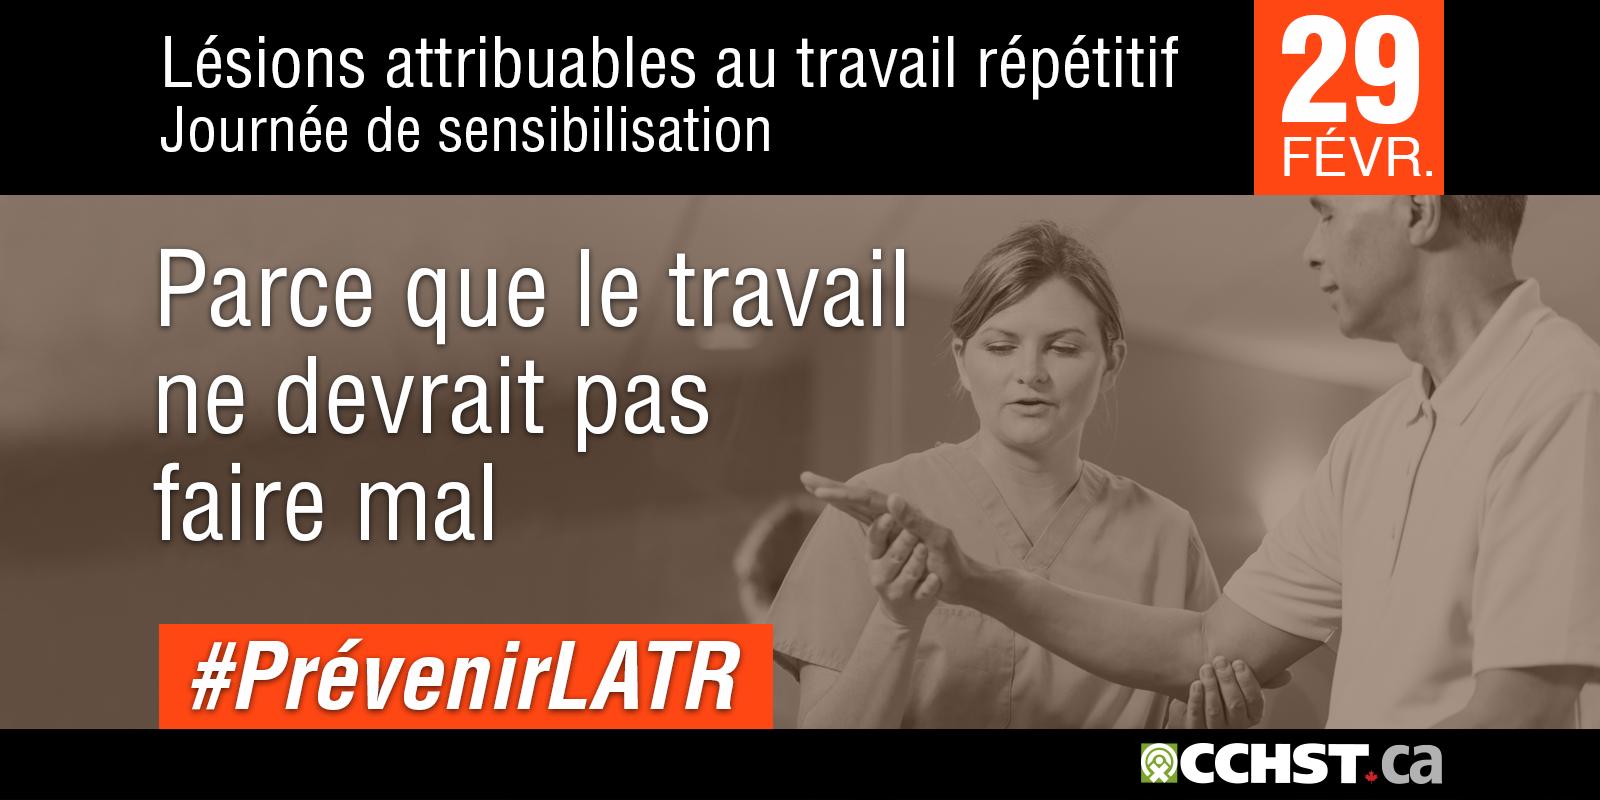 Lésions attribuables au travail répétitif Journée de sensibilisation aux LATR - 2